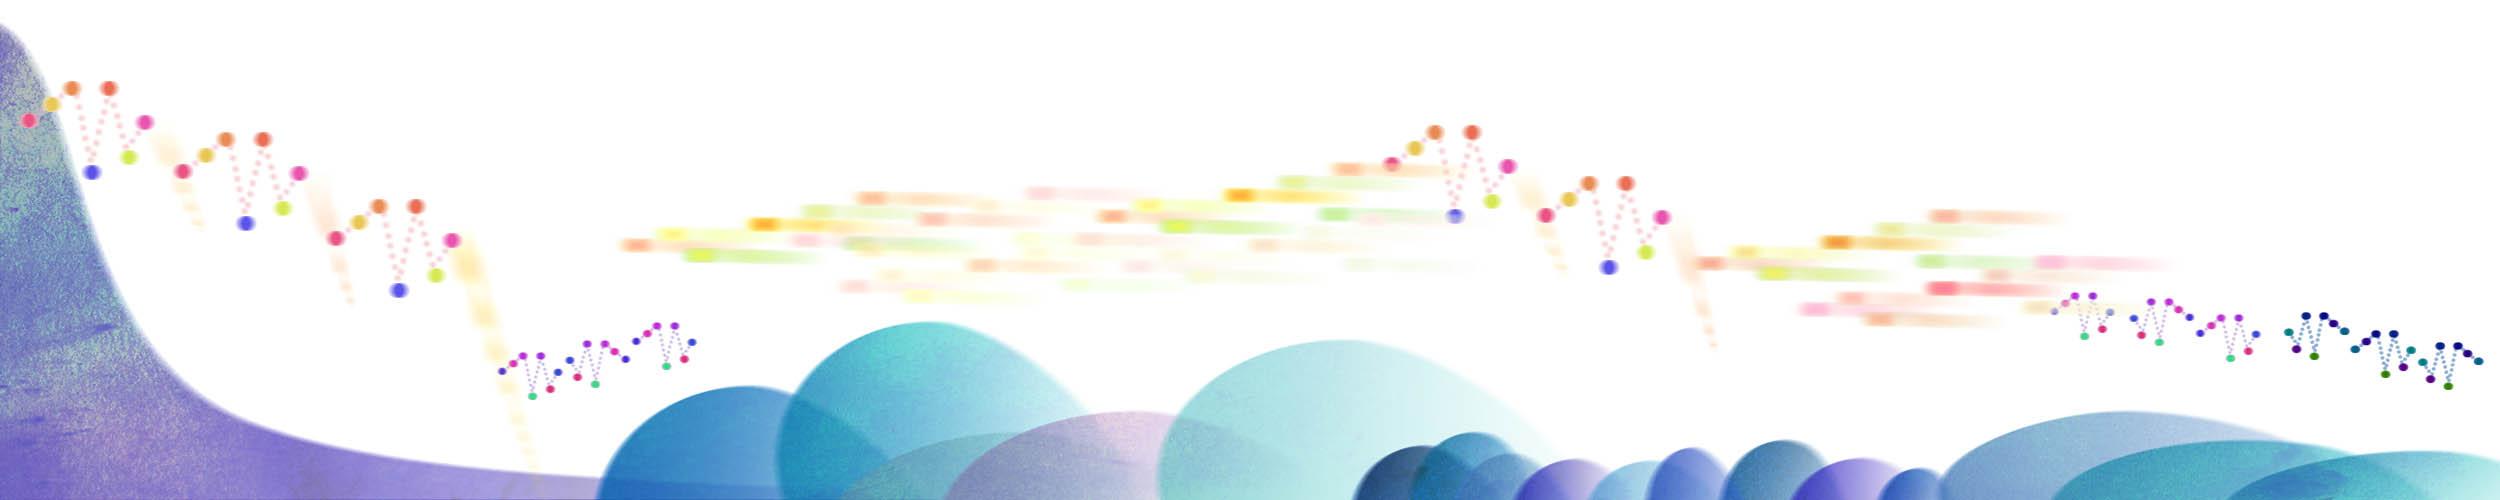 visul_music_score.jpg